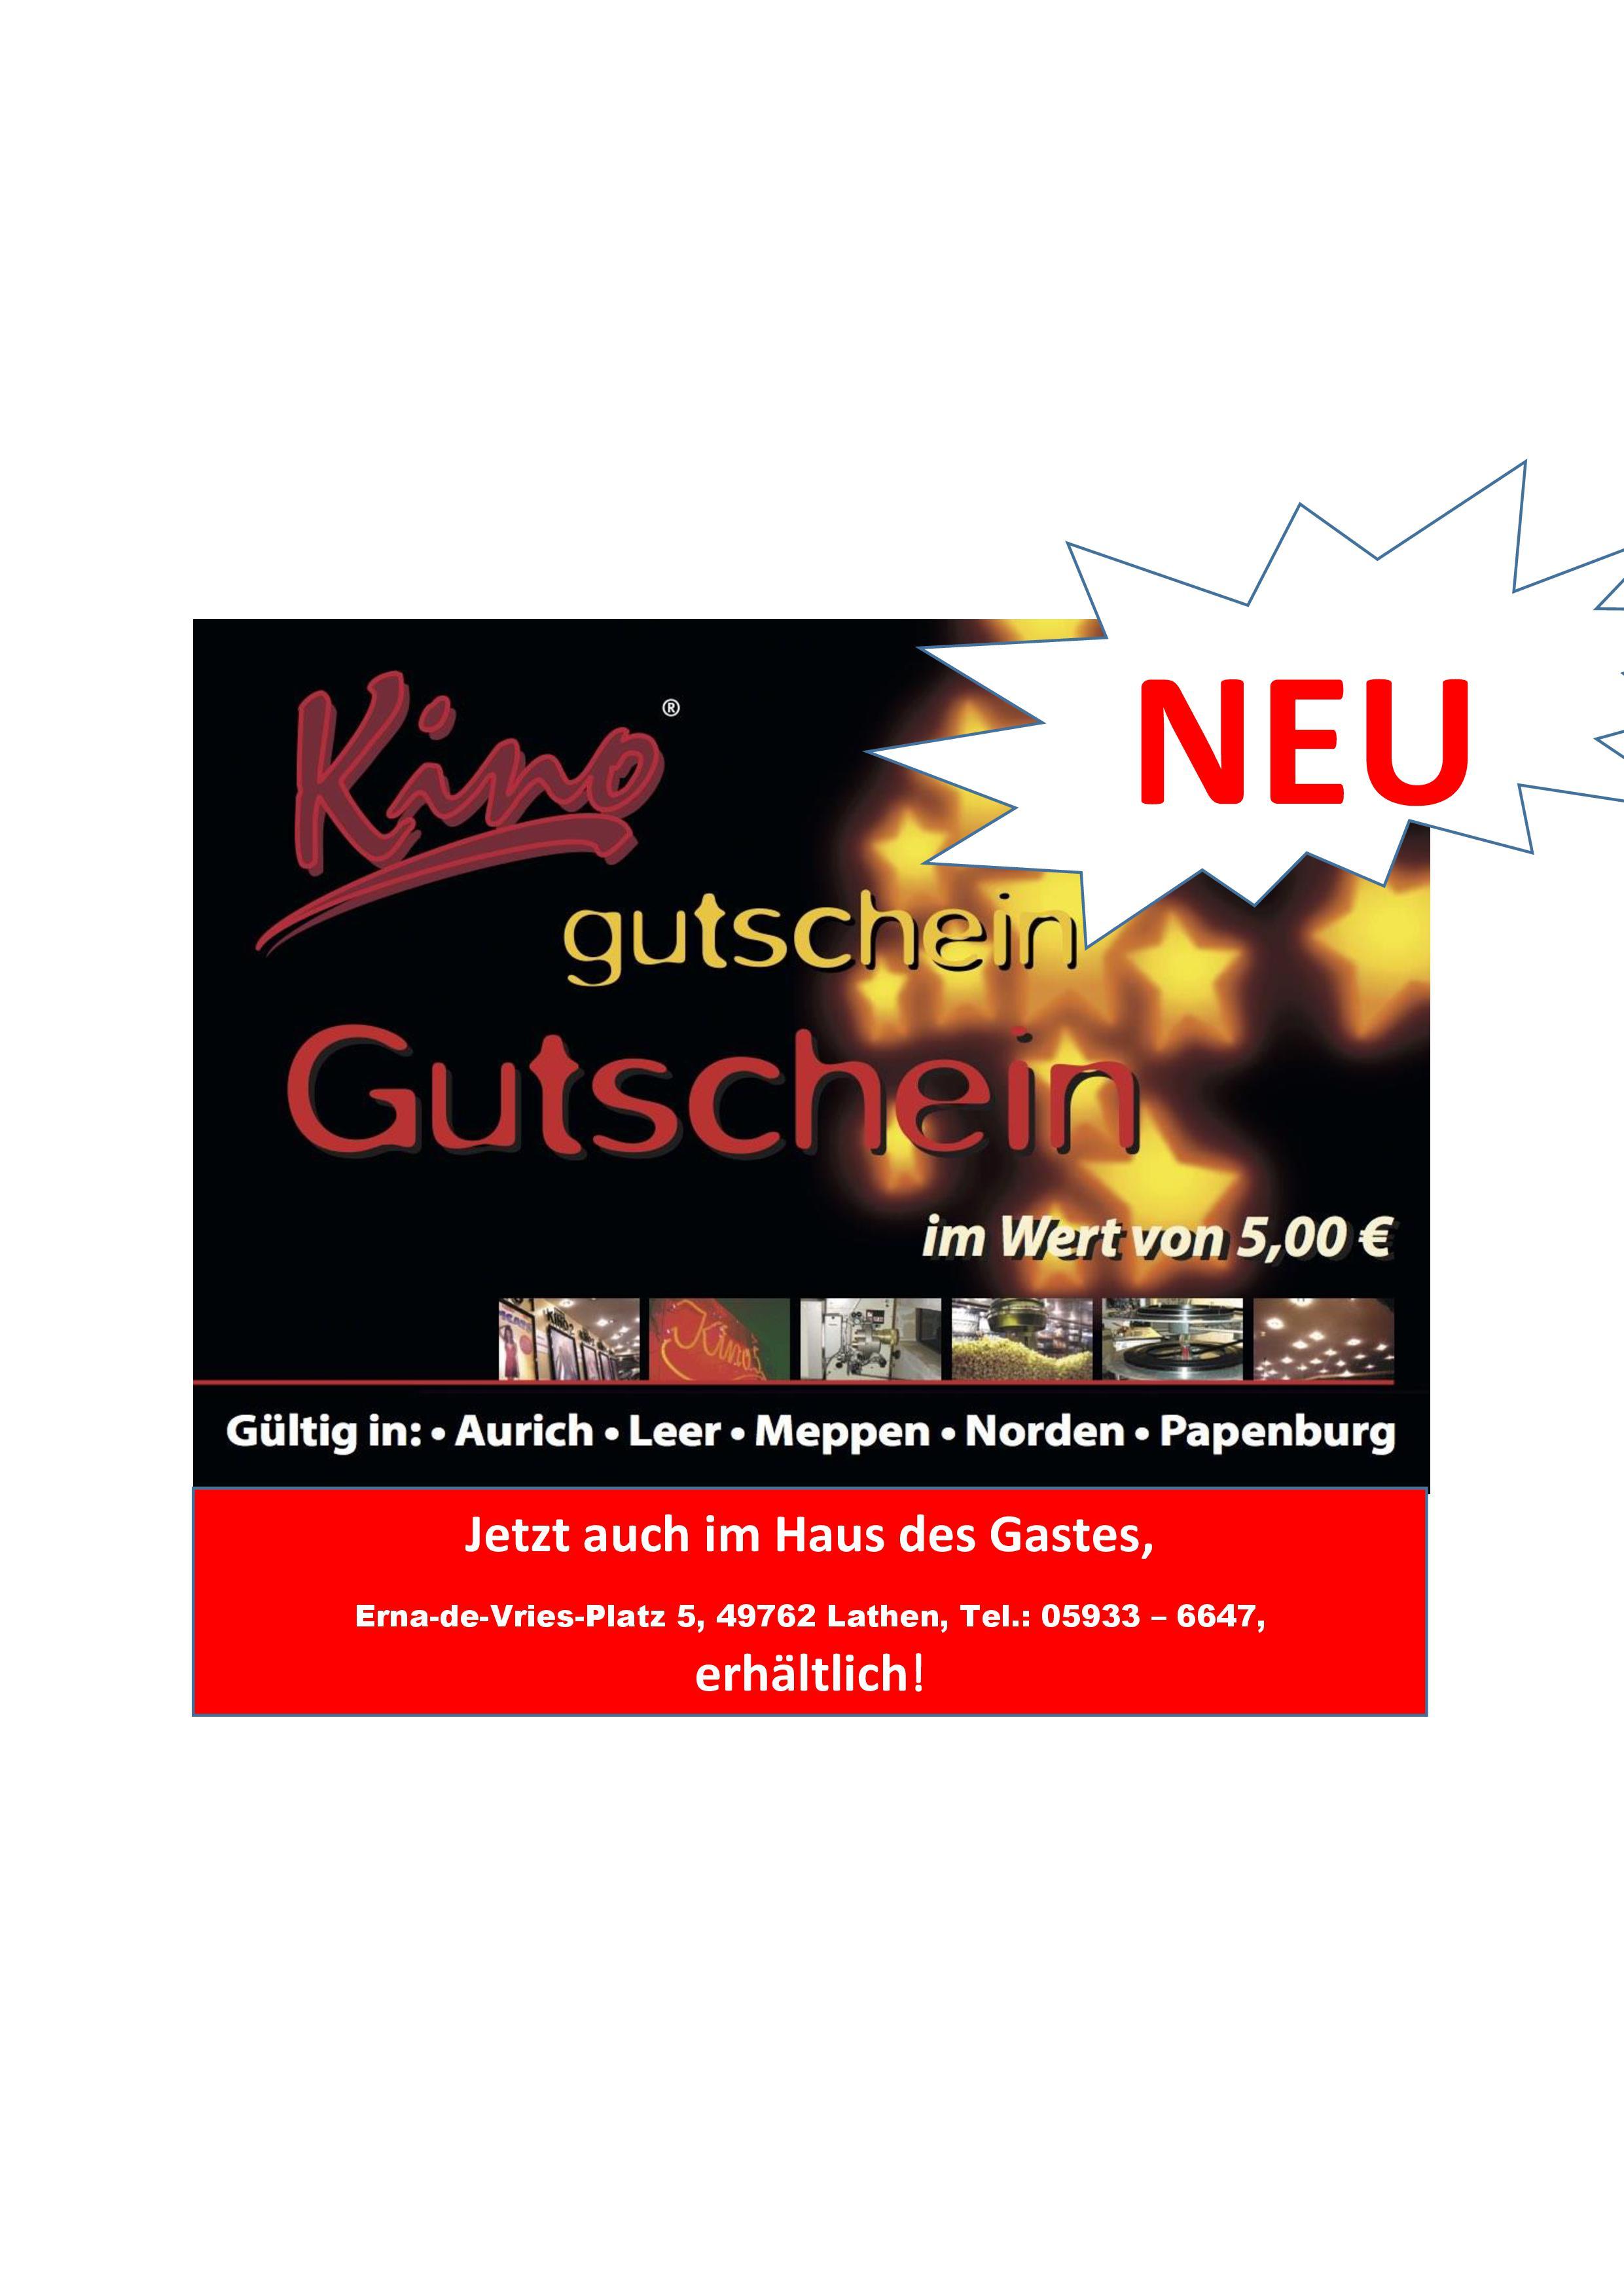 KINO Gutscheine